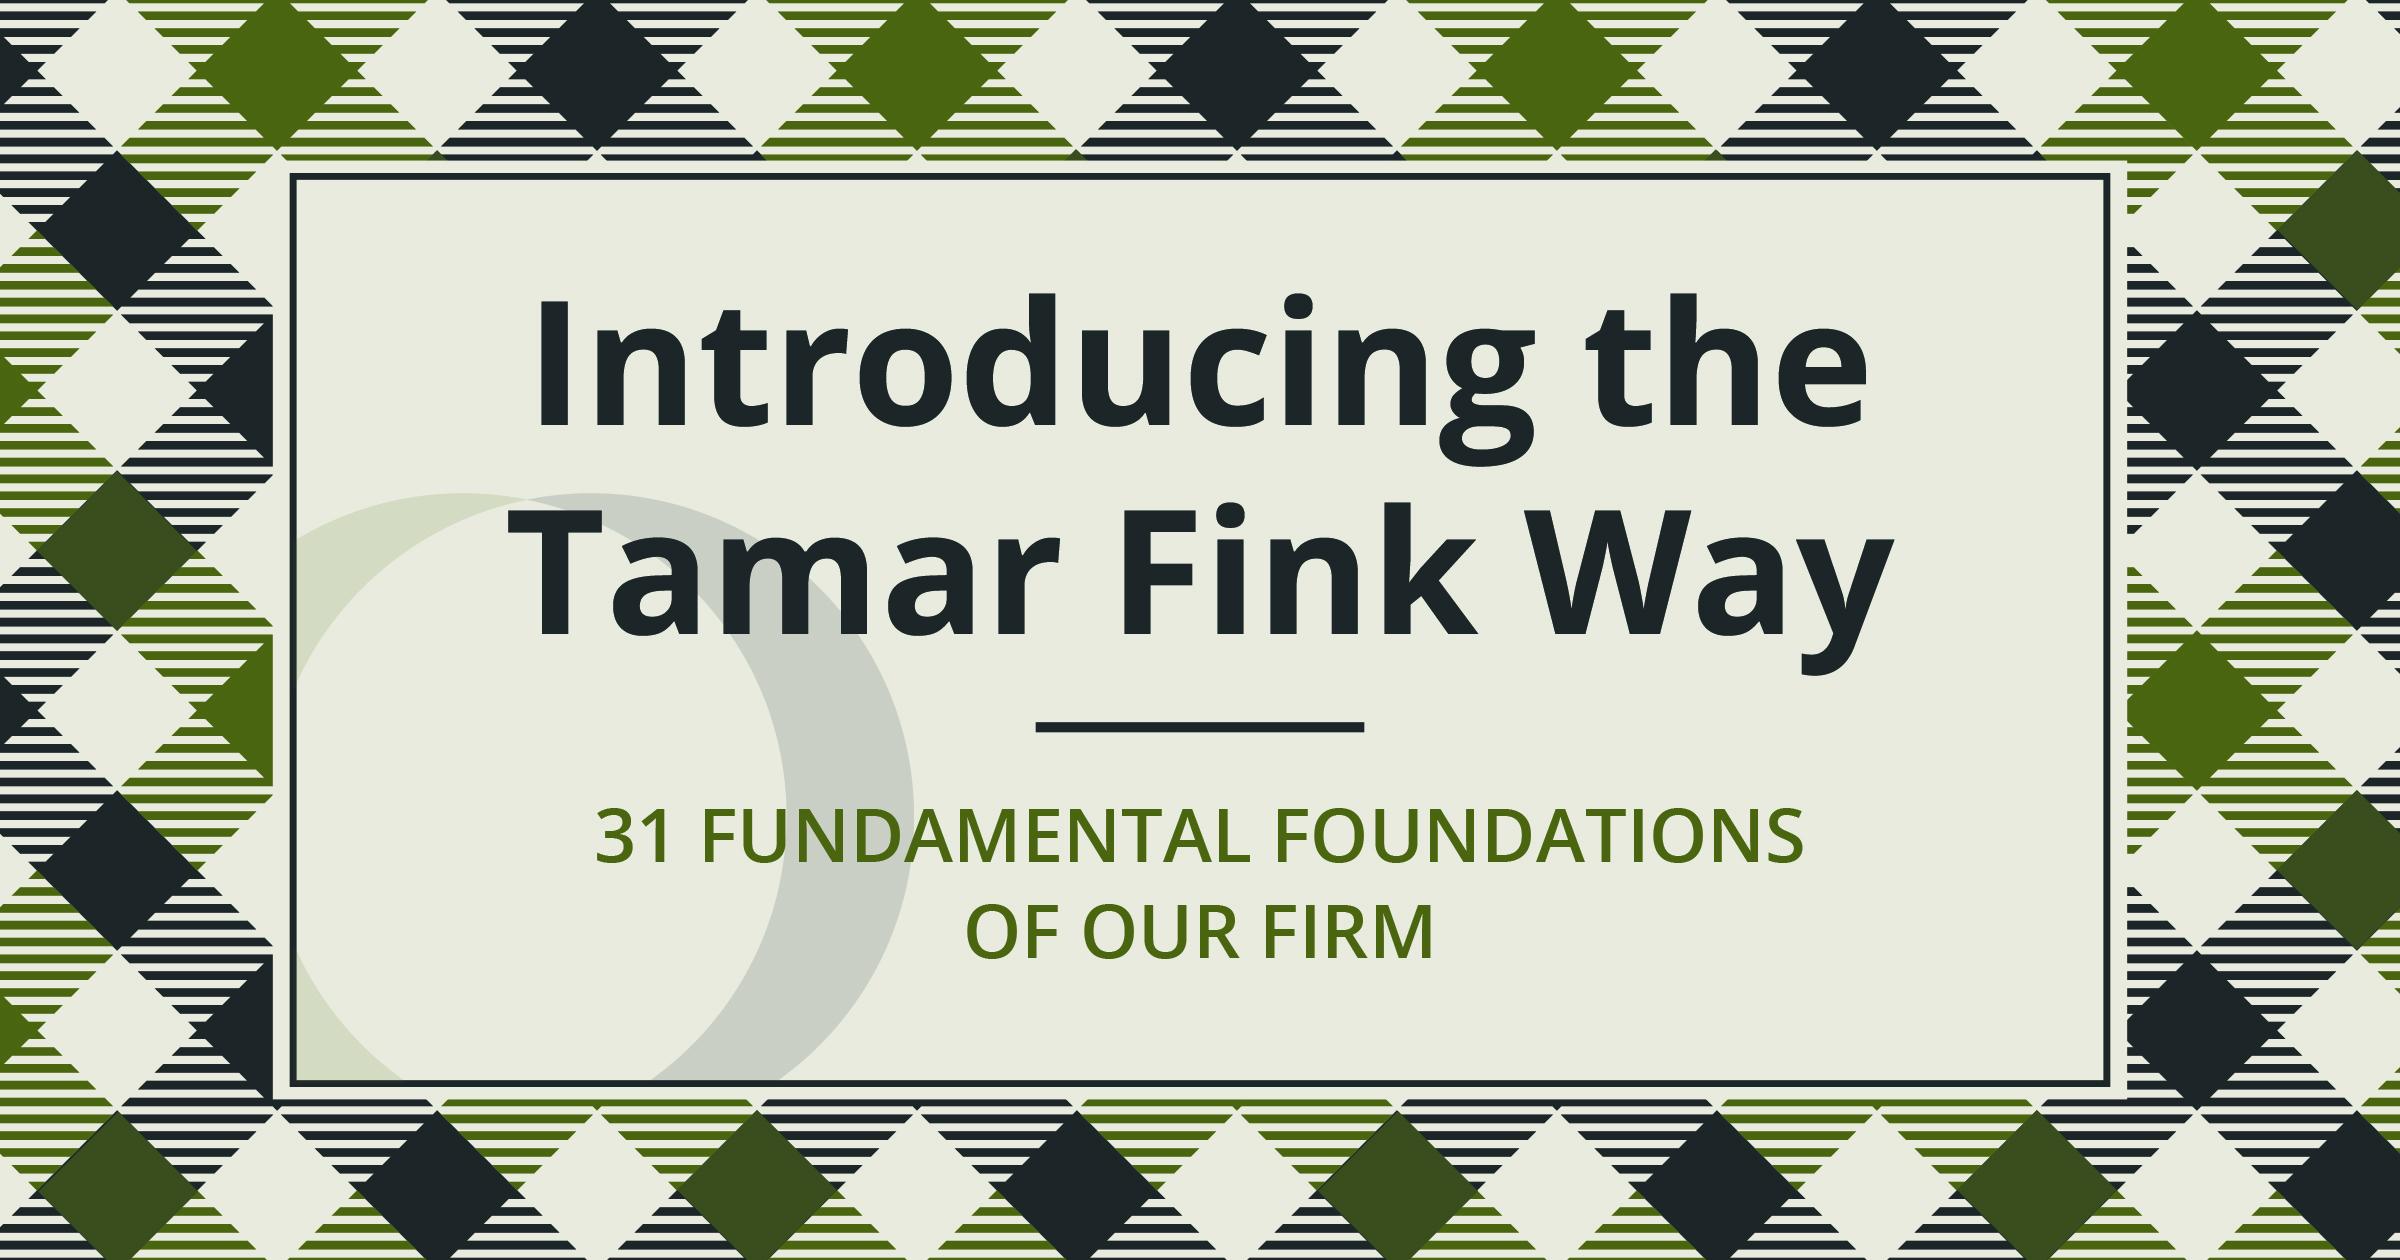 Introducing The Tamar Fink Way